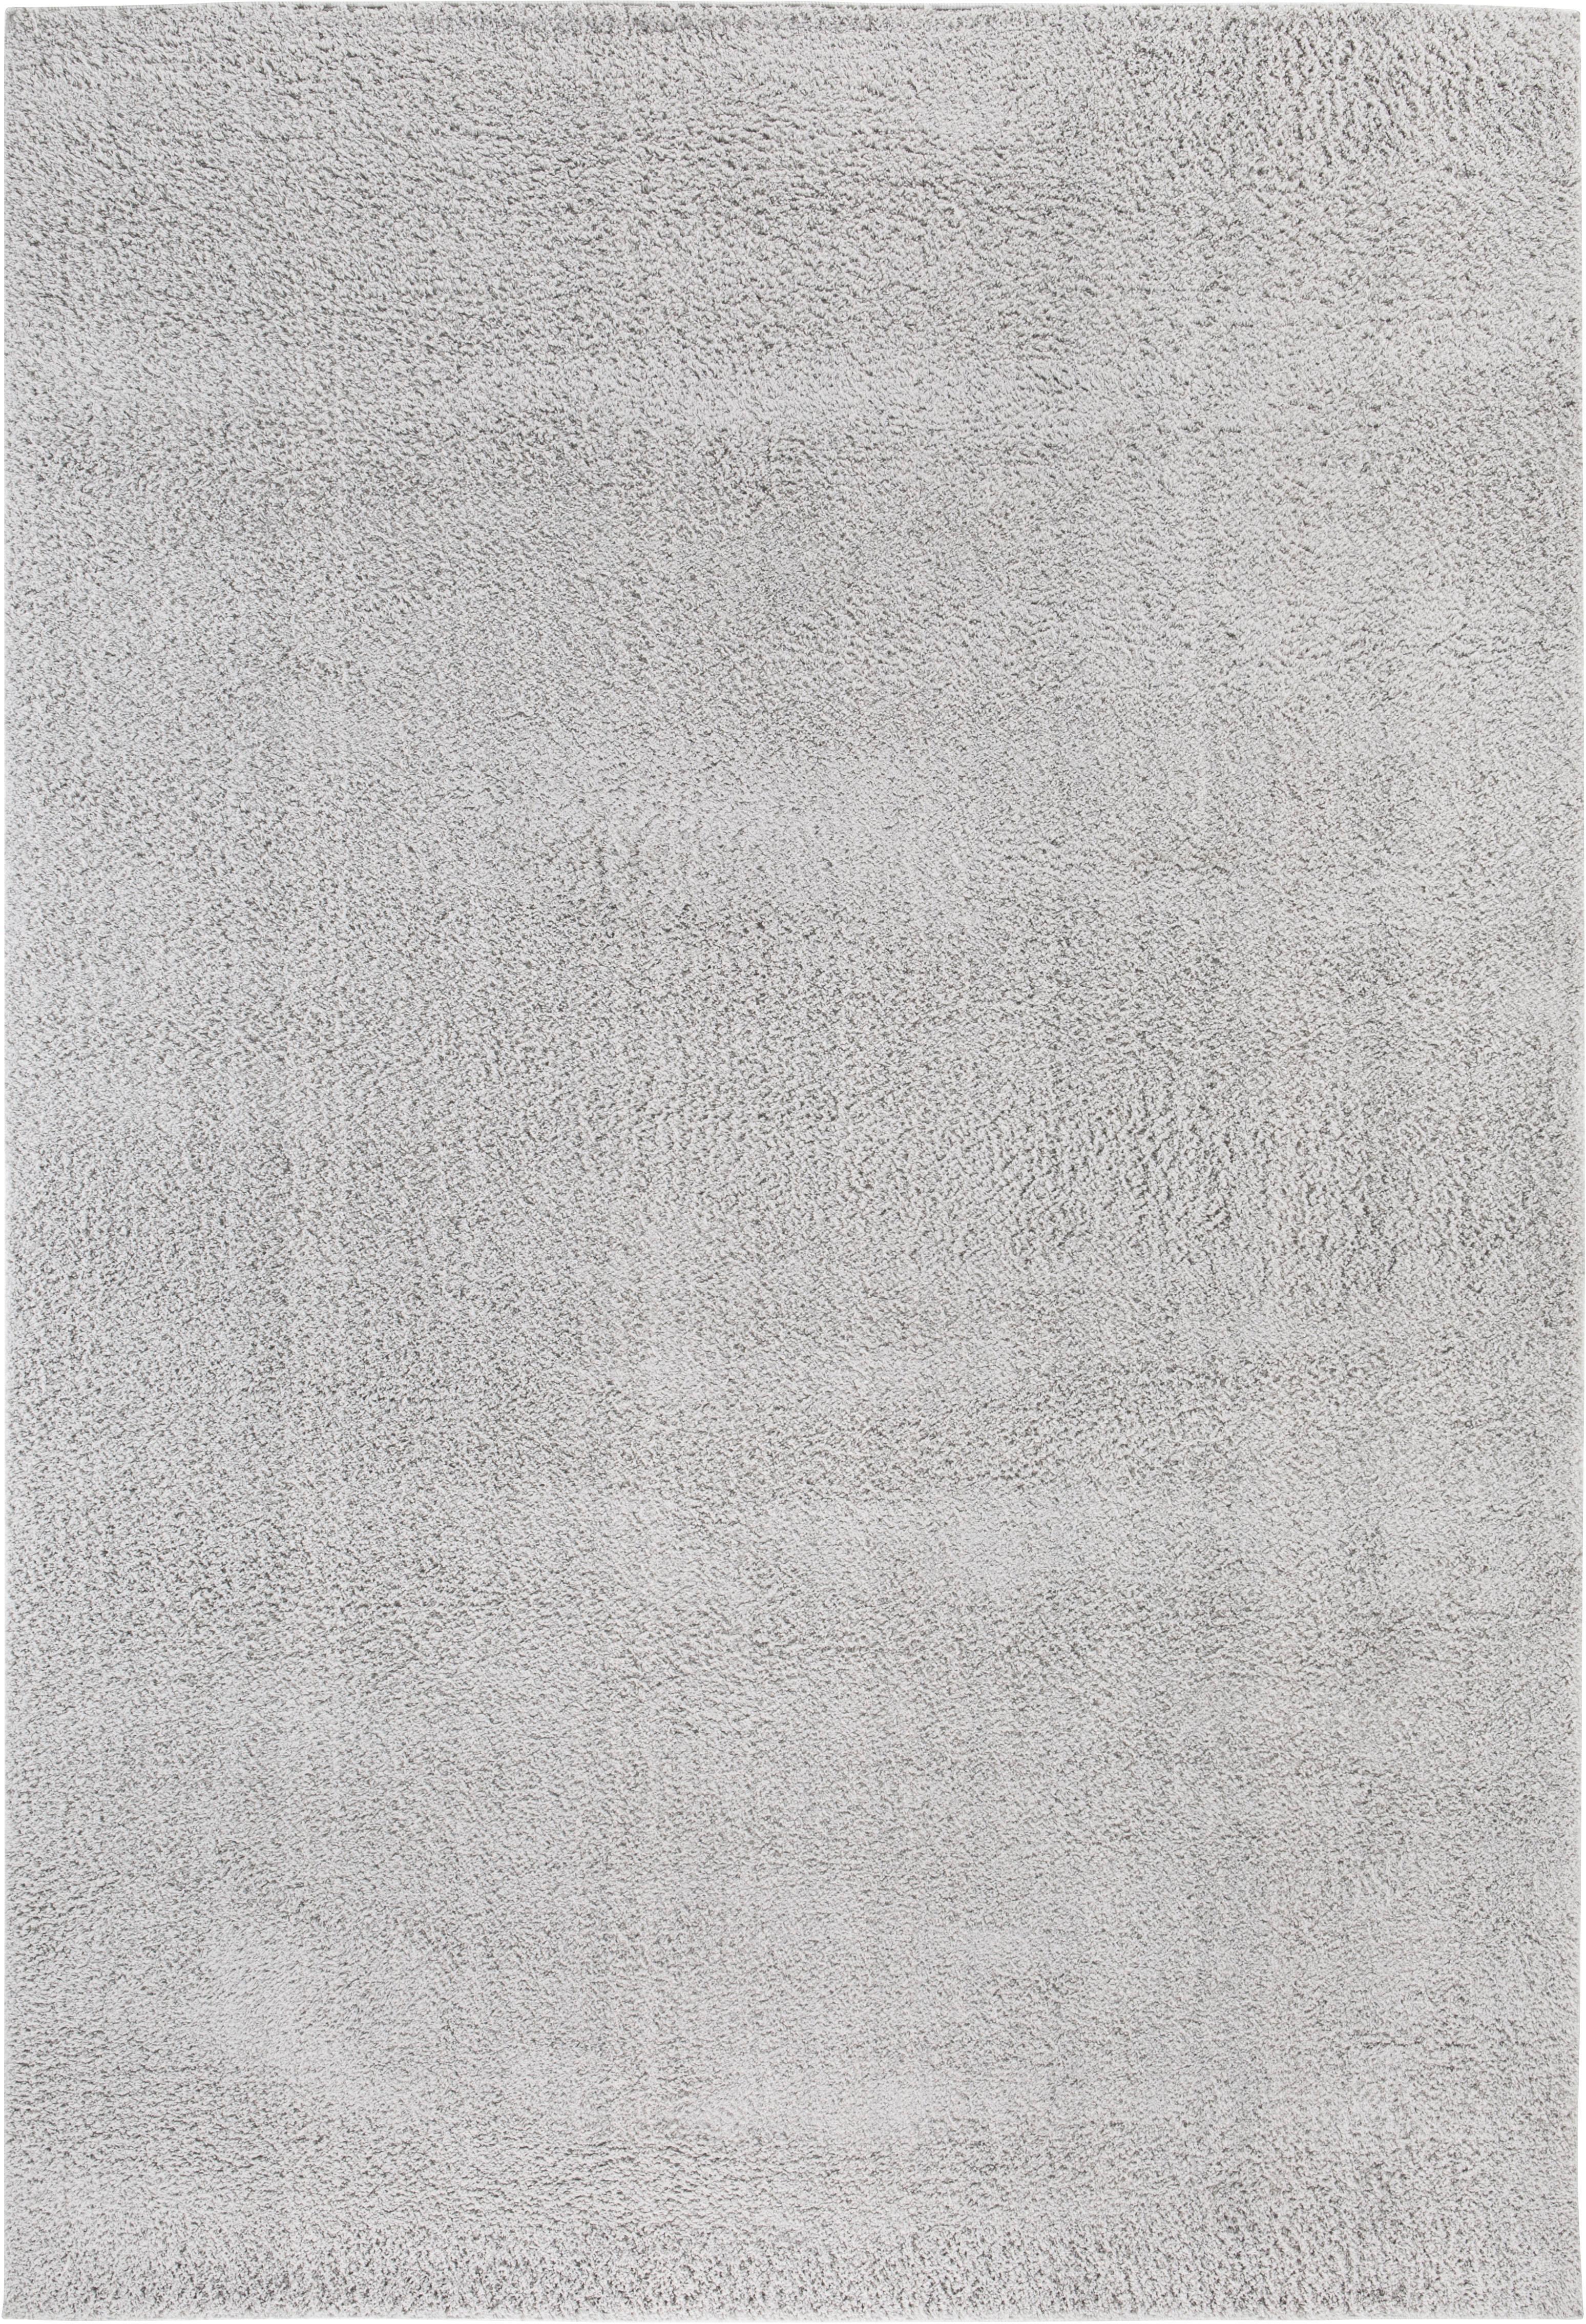 Hochflor-Teppich Cala Bona Andiamo rechteckig Höhe 26 mm maschinell gewebt